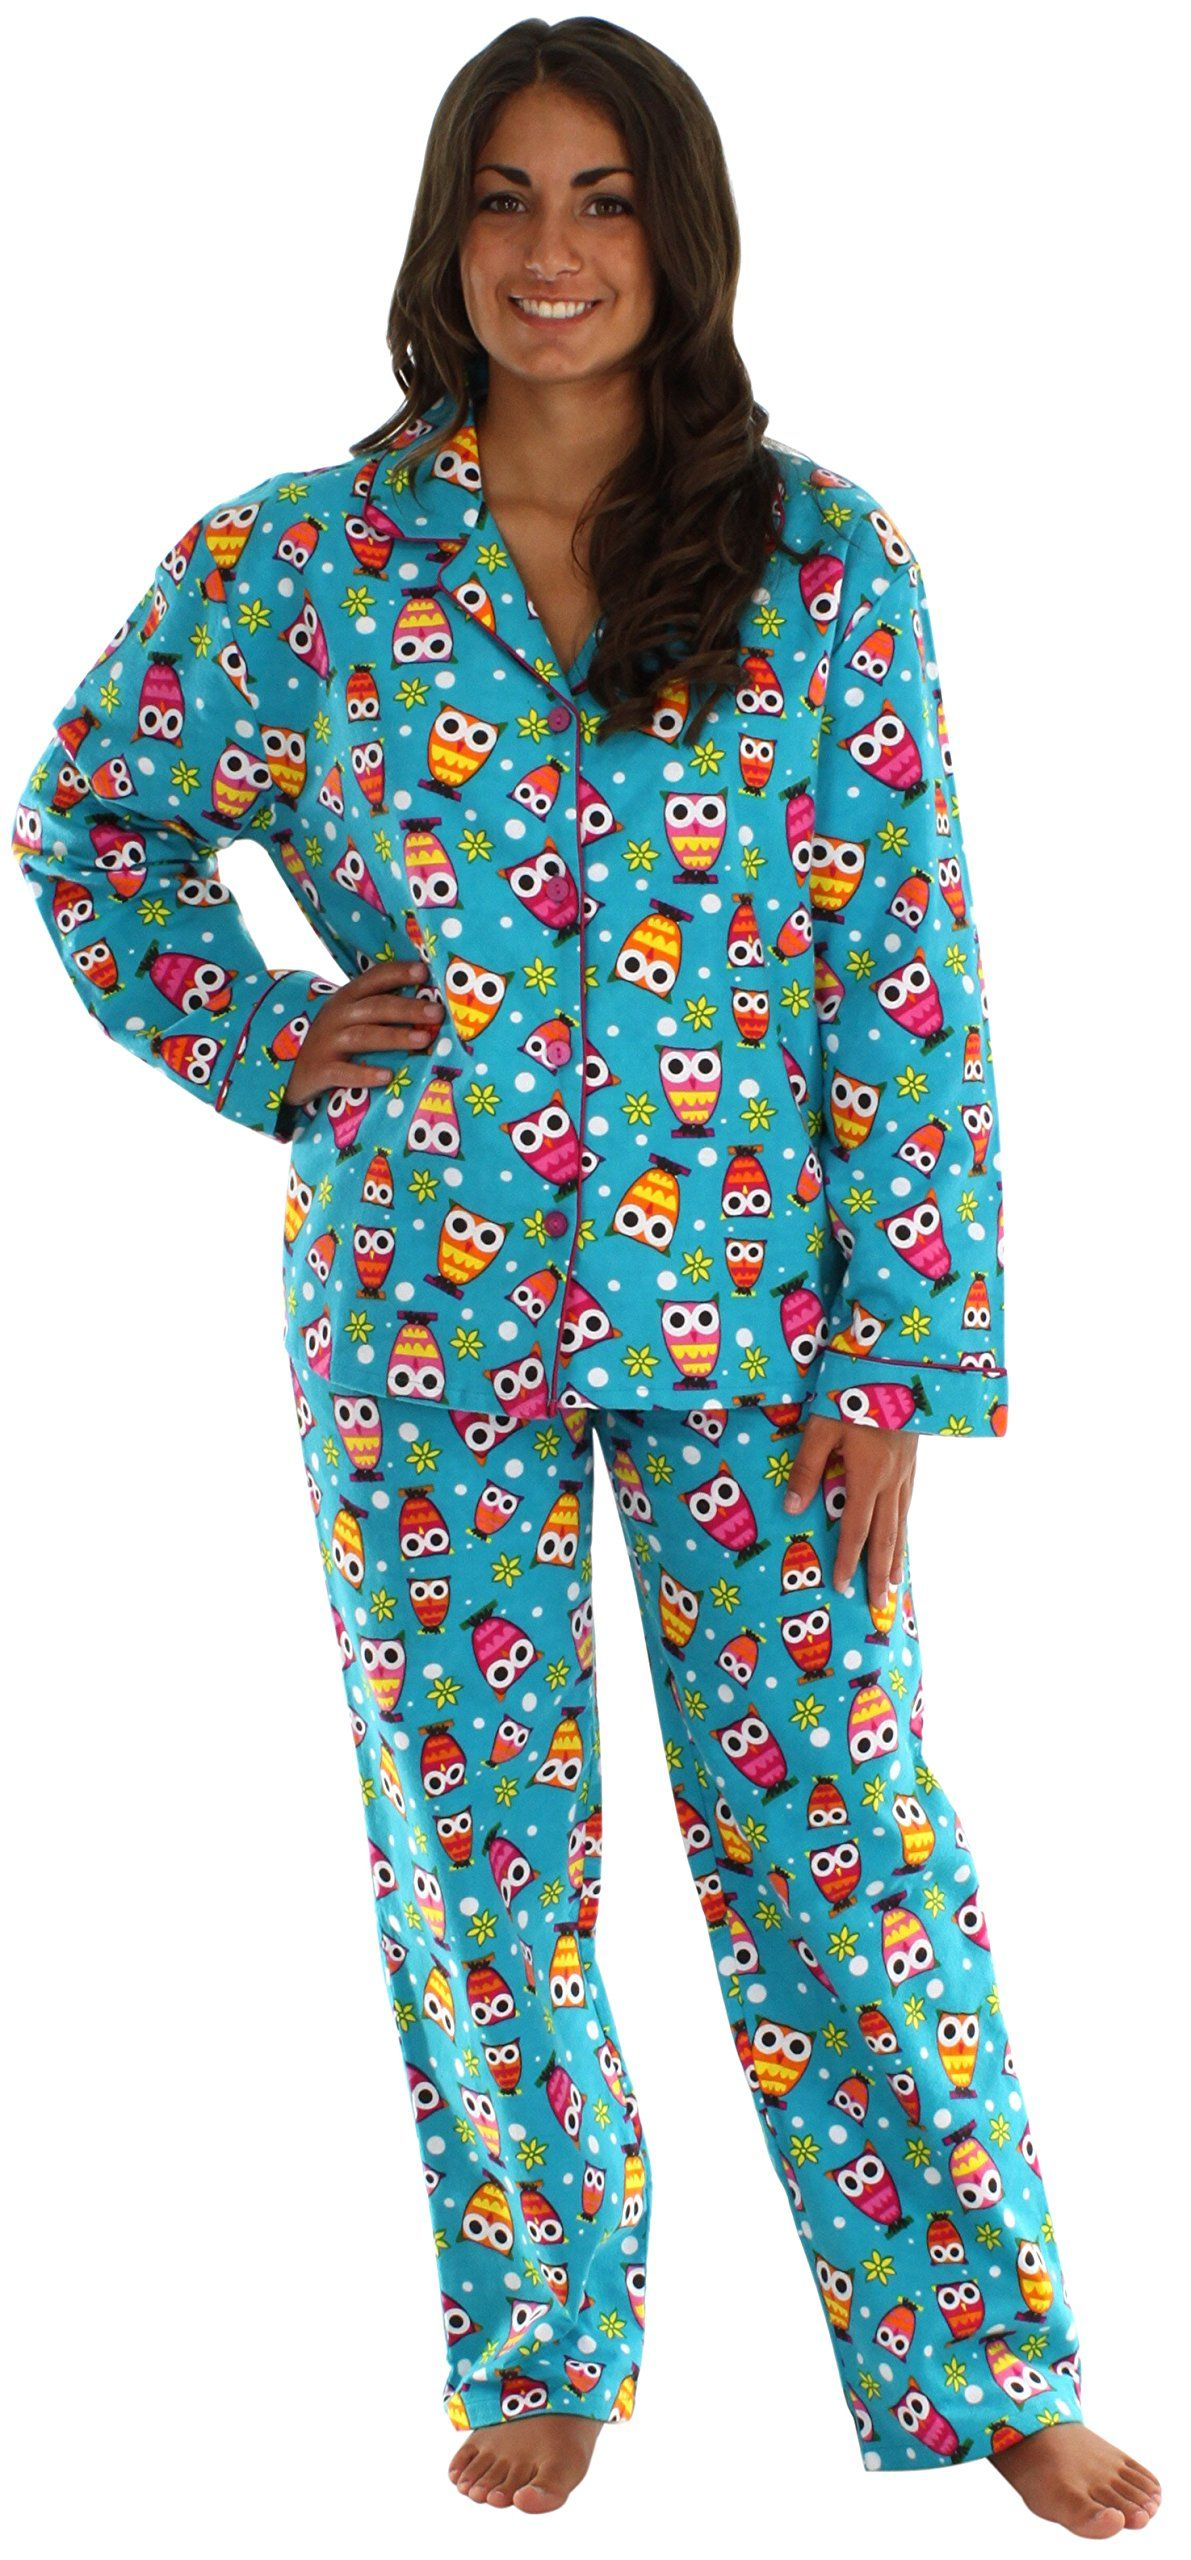 PajamaMania Women's Printed Flannel Pajamas at Amazon